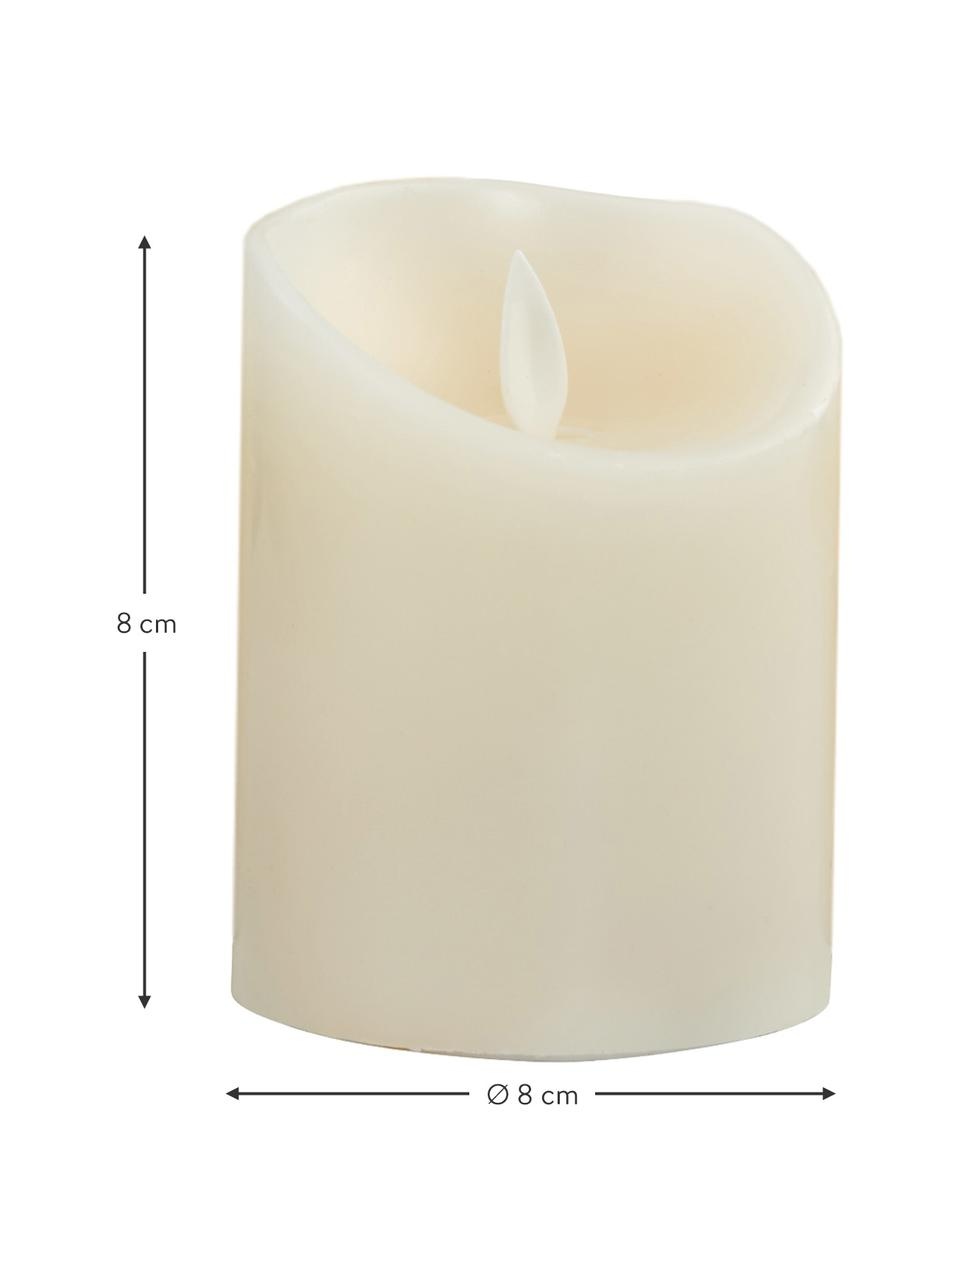 Velas LED Glowing Flame, 3pzas., Parafina, plástico, Crema, Set de diferentes tamaños